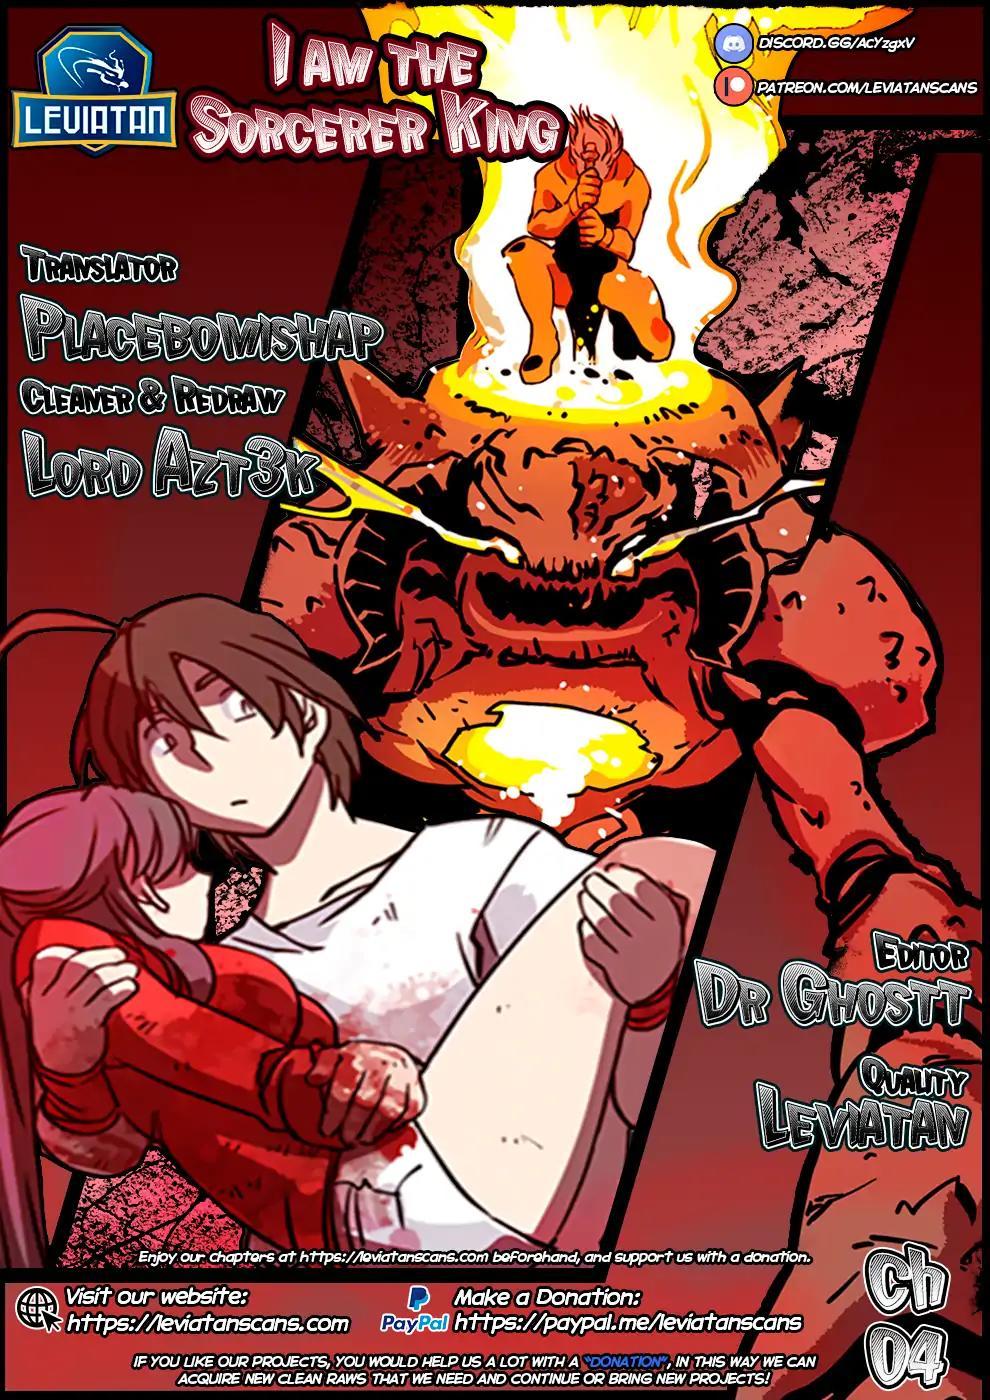 https://img2.nineanime.com/comics/pic2/54/28470/731617/bd22efb6bdeabb178eec7b0051f764d7.jpg Page 1